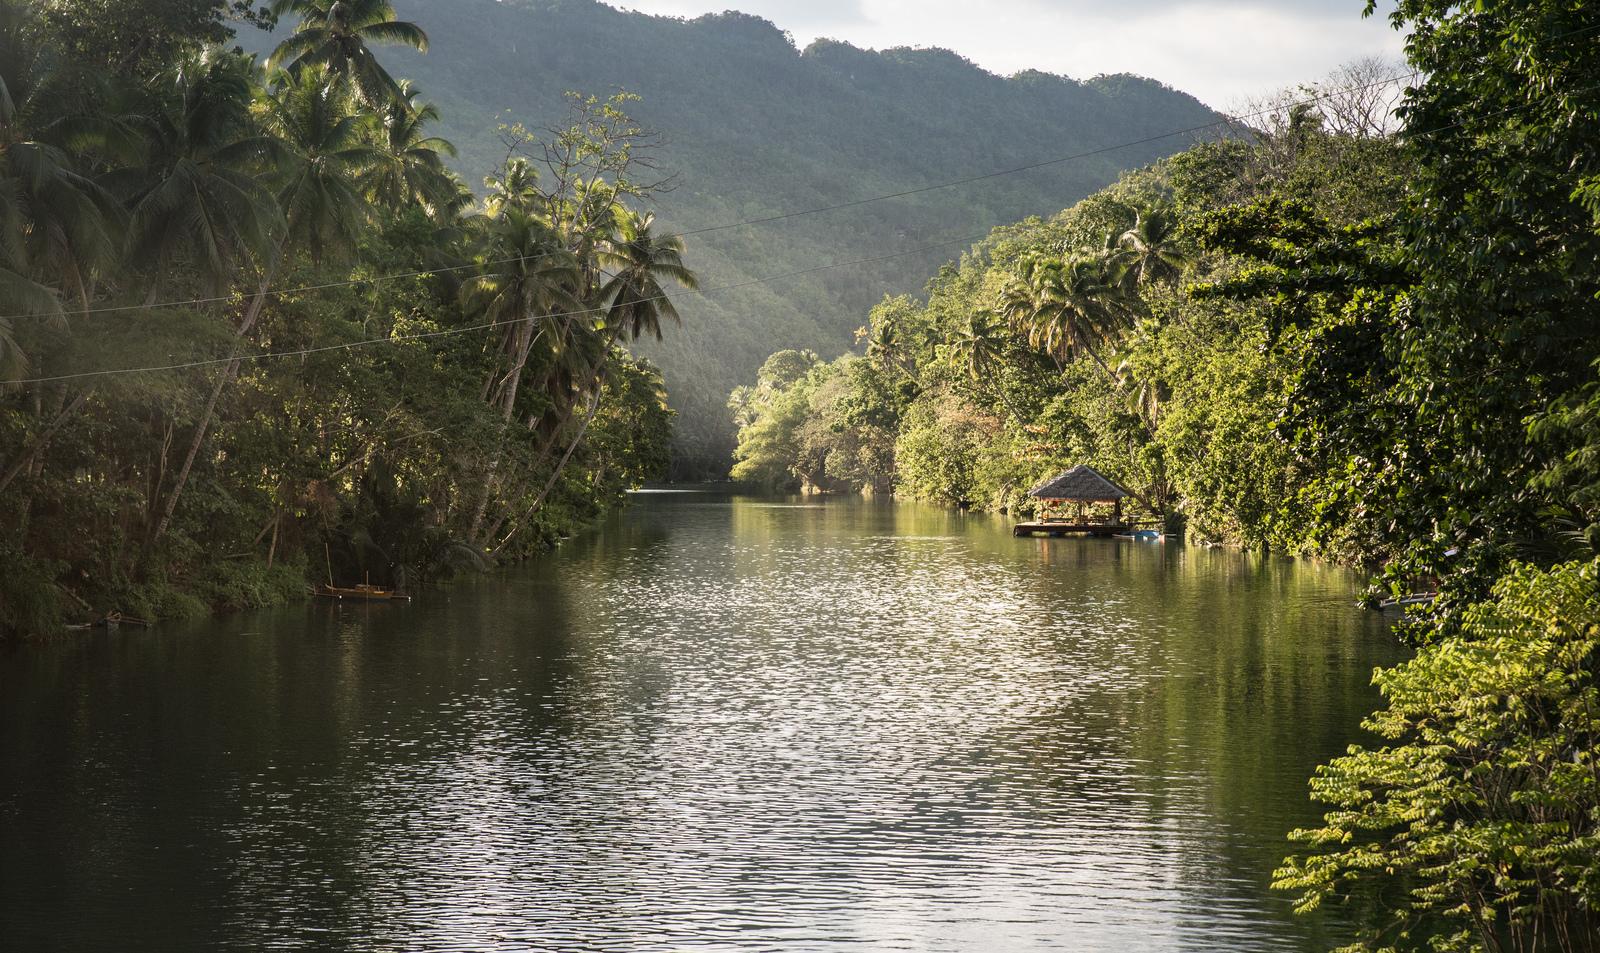 Loboc river, Philippines Loboc